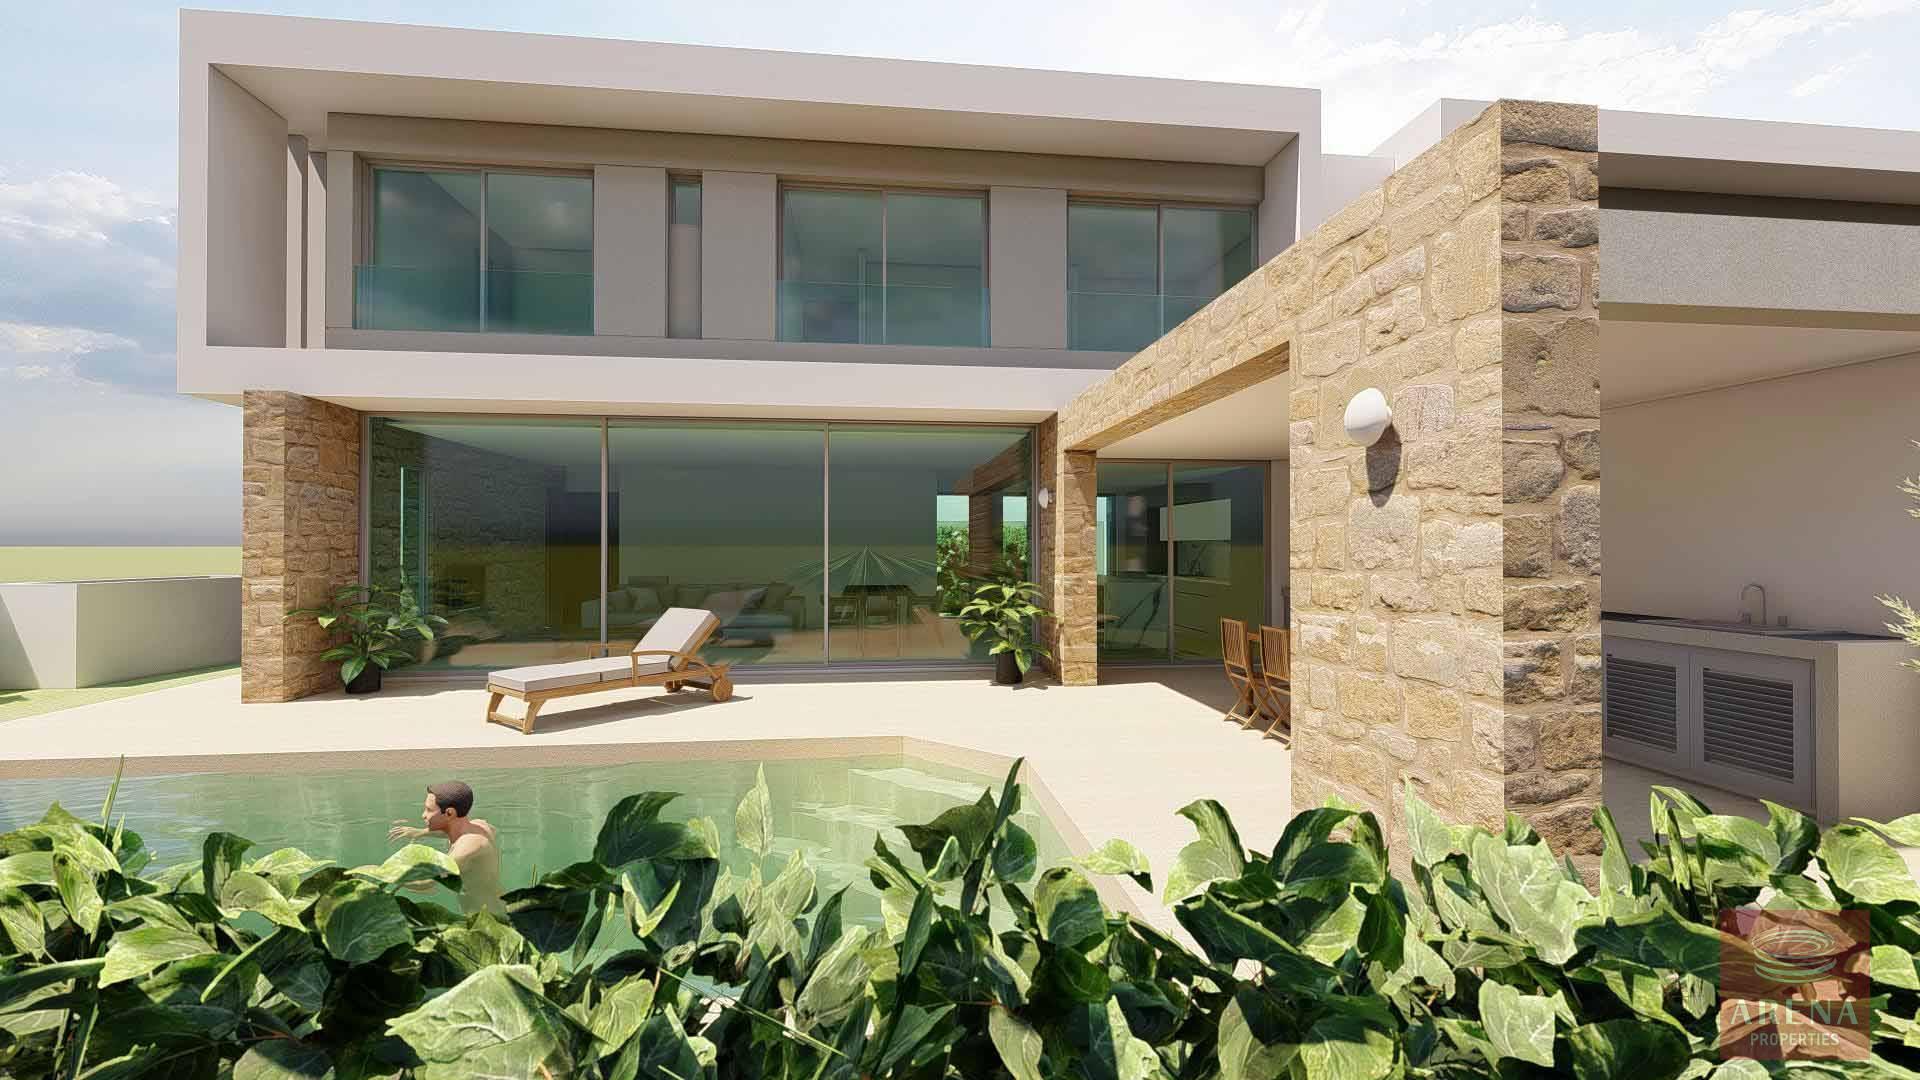 3 bed villa in oroklini for sale